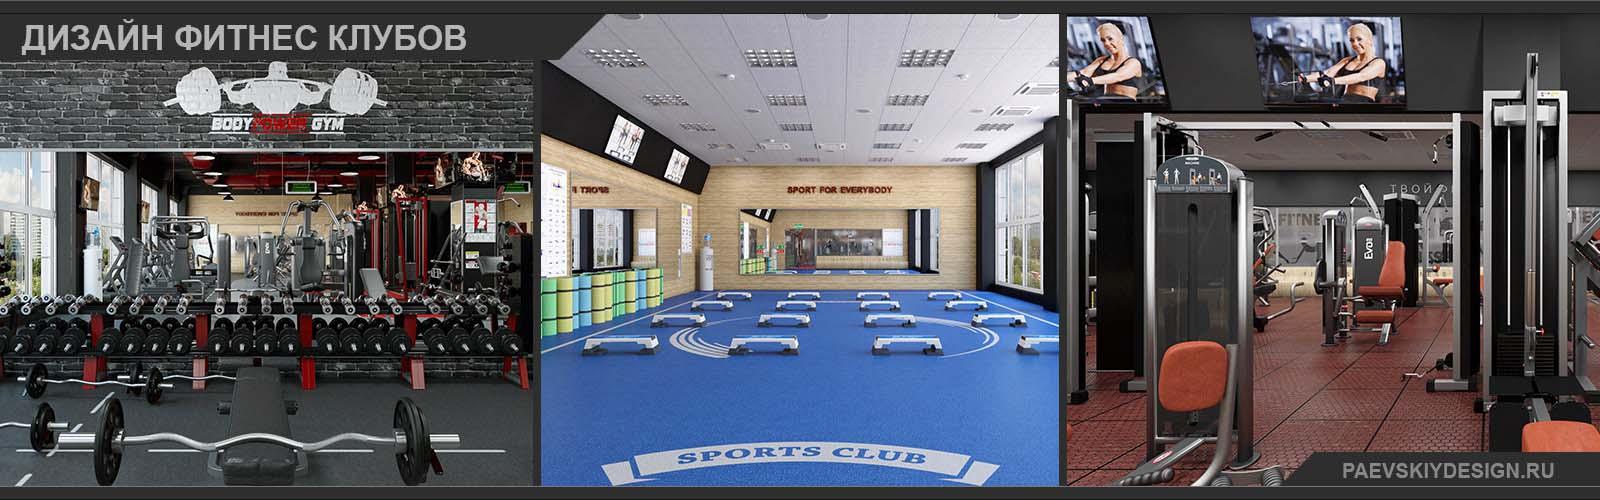 Дизайн фитнес клуба под ключ Разработка проектов фитнес клубов и фитнес центров в Москве